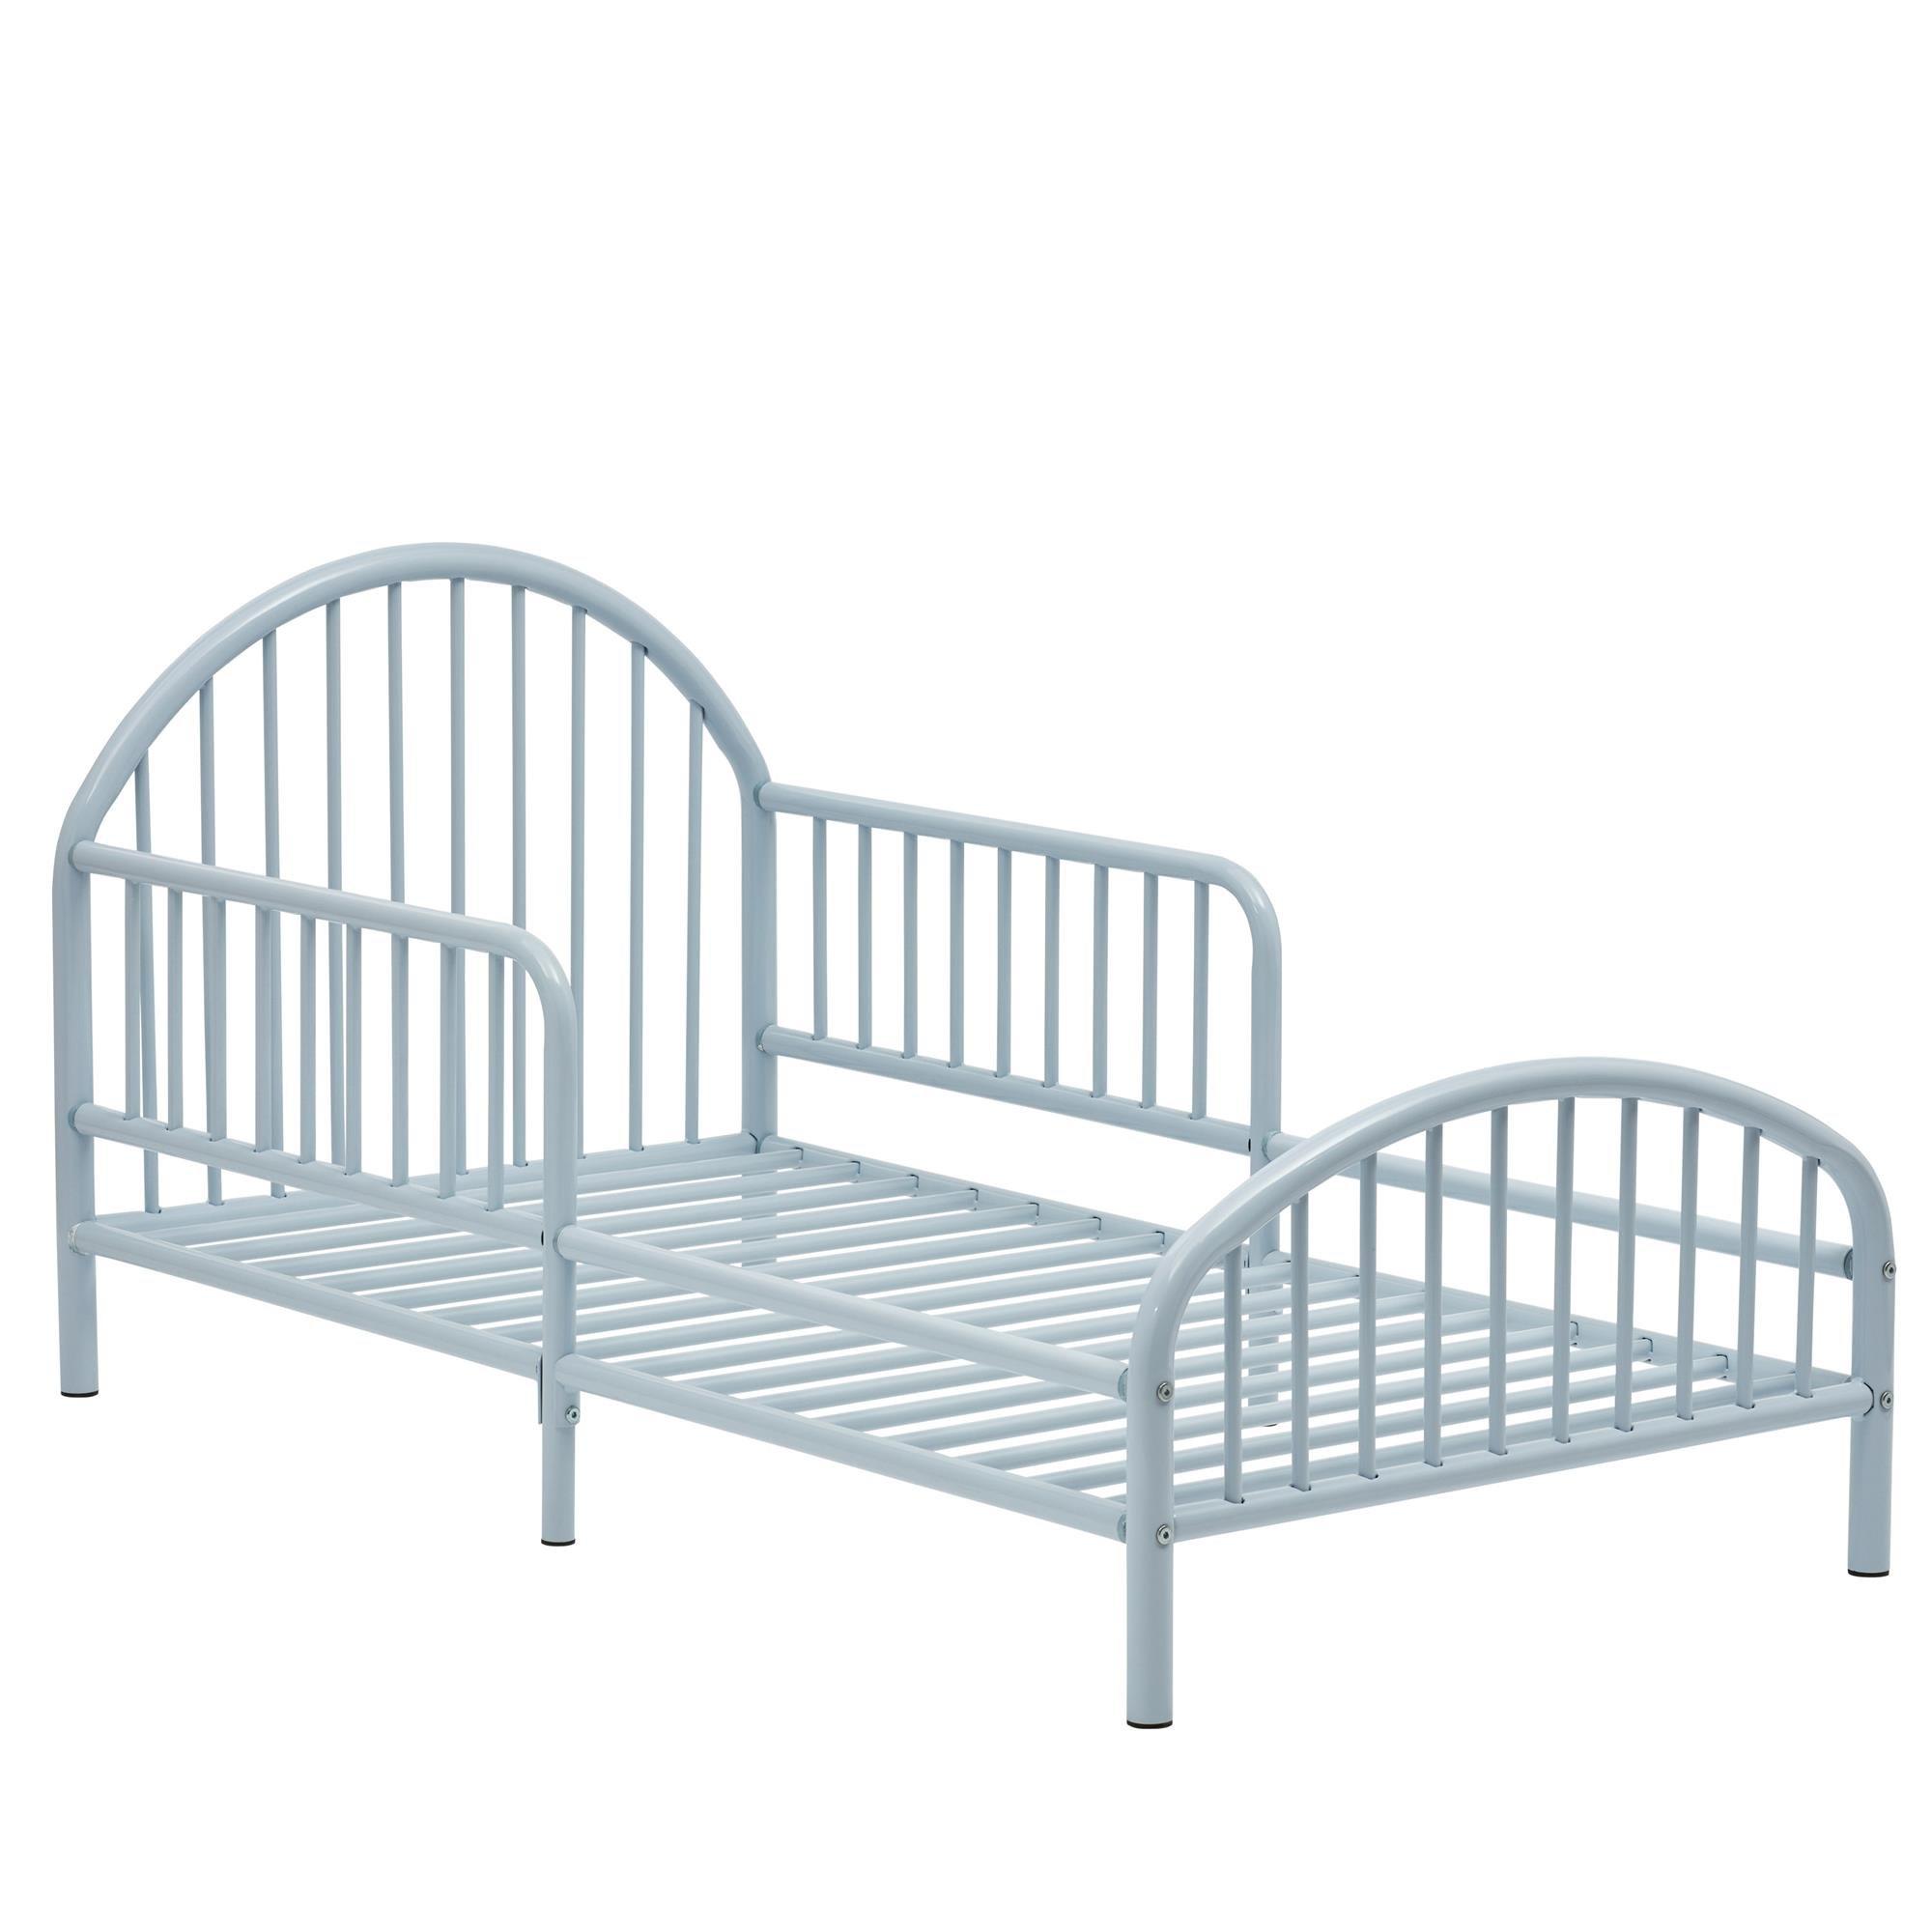 Novogratz Prism Metal Toddler Bed, Blue